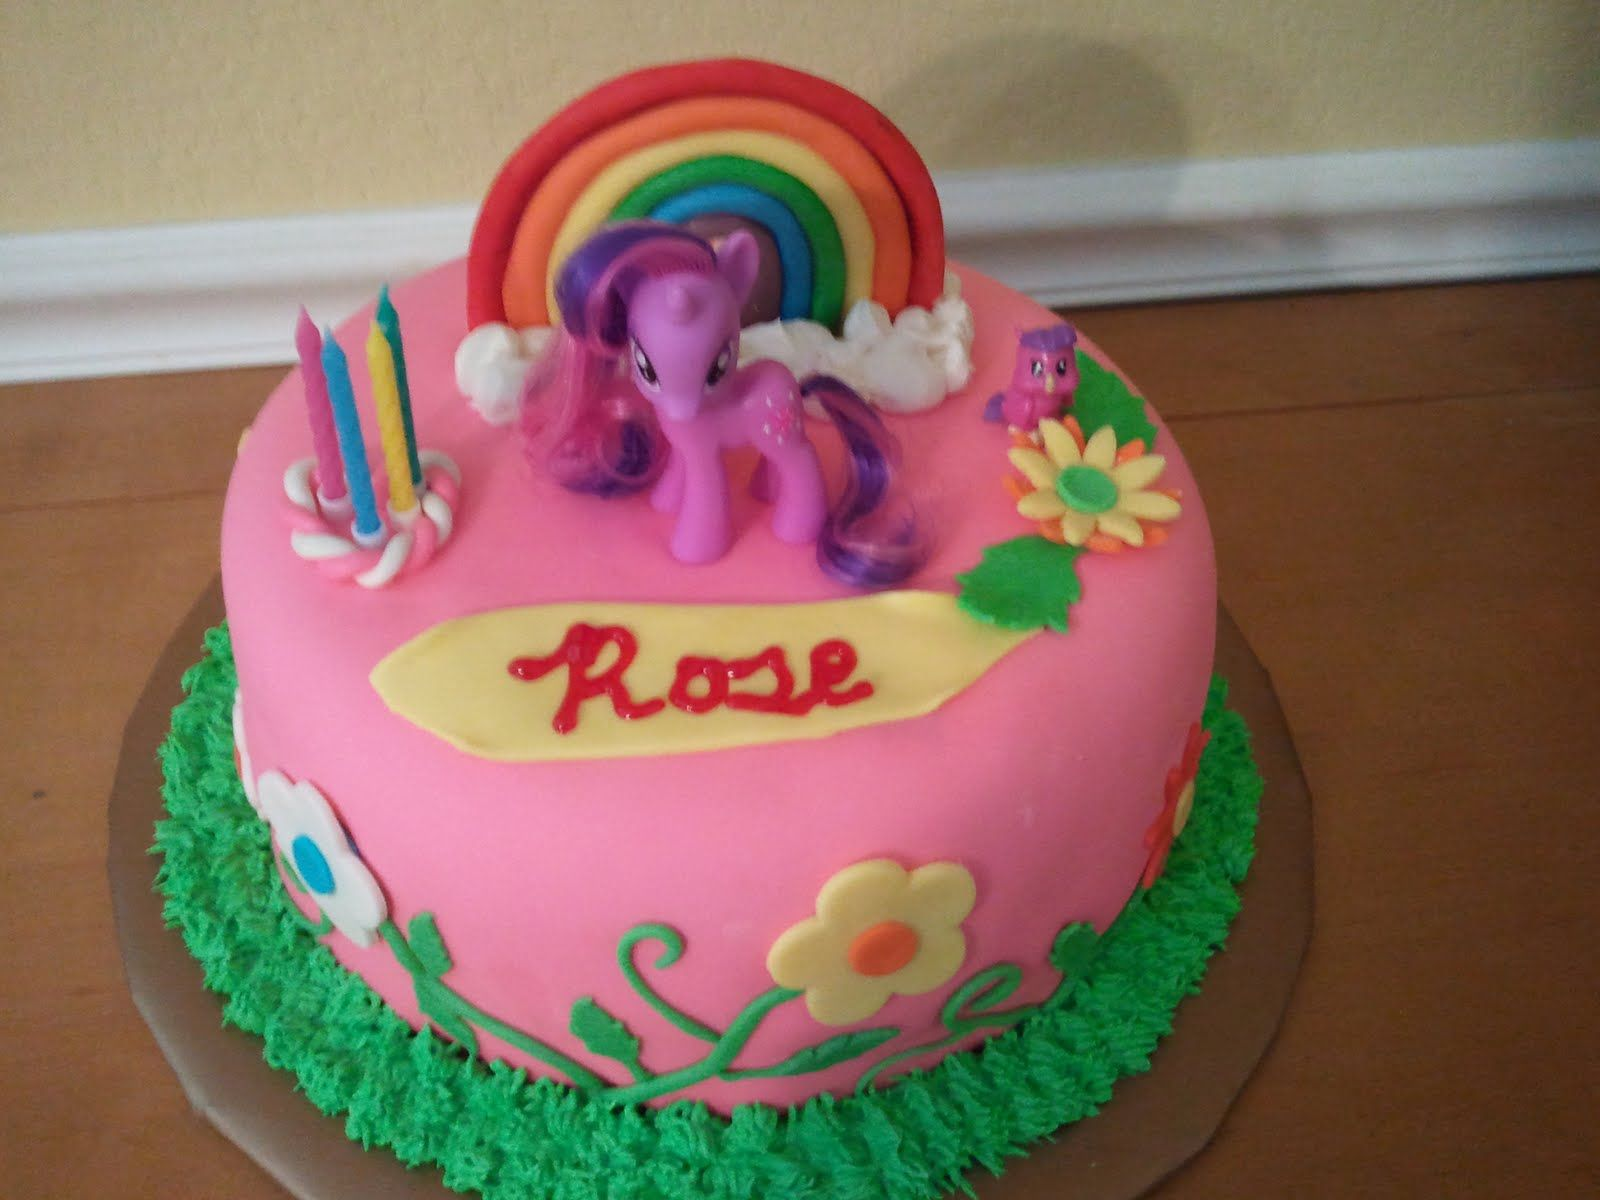 Admirable My Little Pony Cake Pans Little Pony Cake My Little Pony Cake Funny Birthday Cards Online Kookostrdamsfinfo